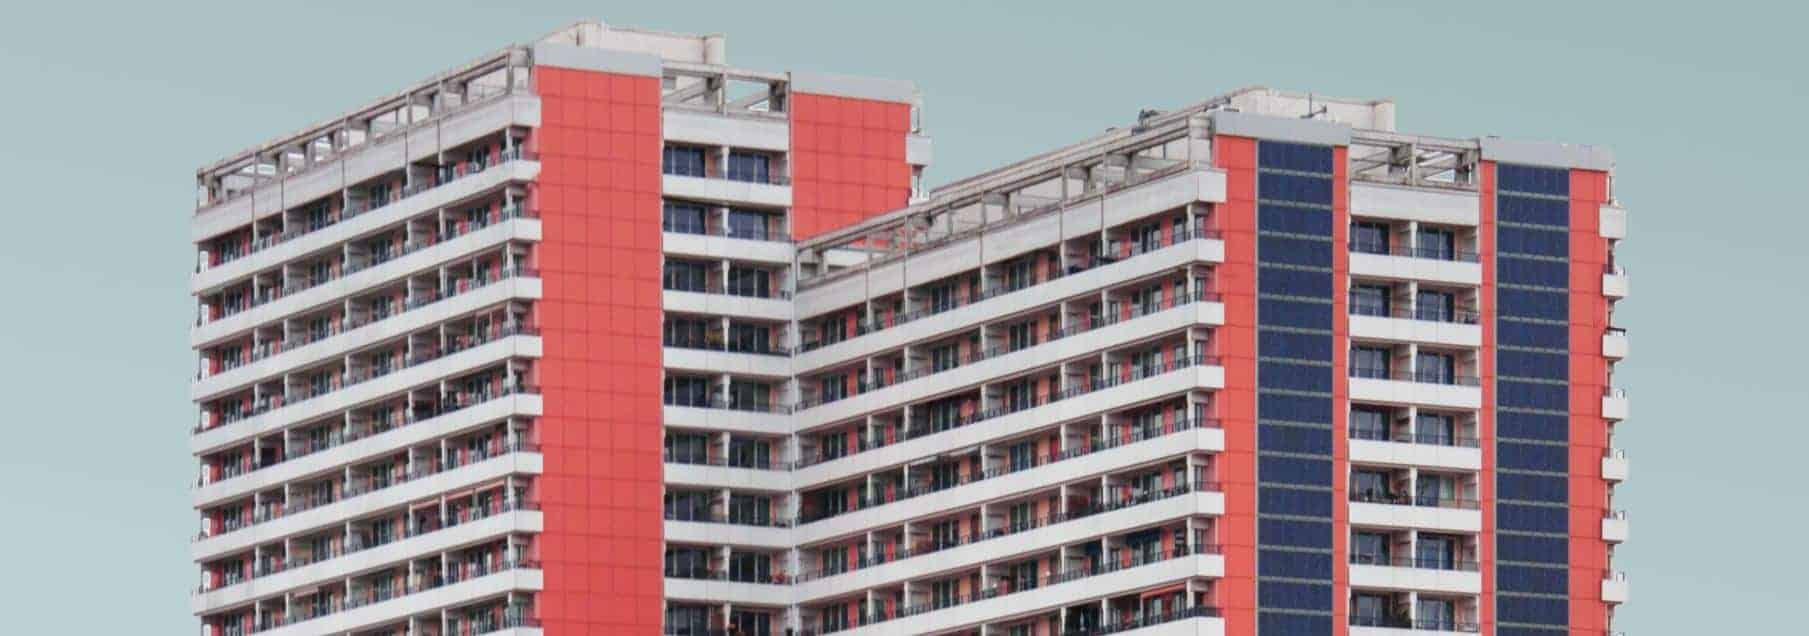 Datenbank Real Estate Käufer Polen, Tschechien, Baltikum, Slowenien